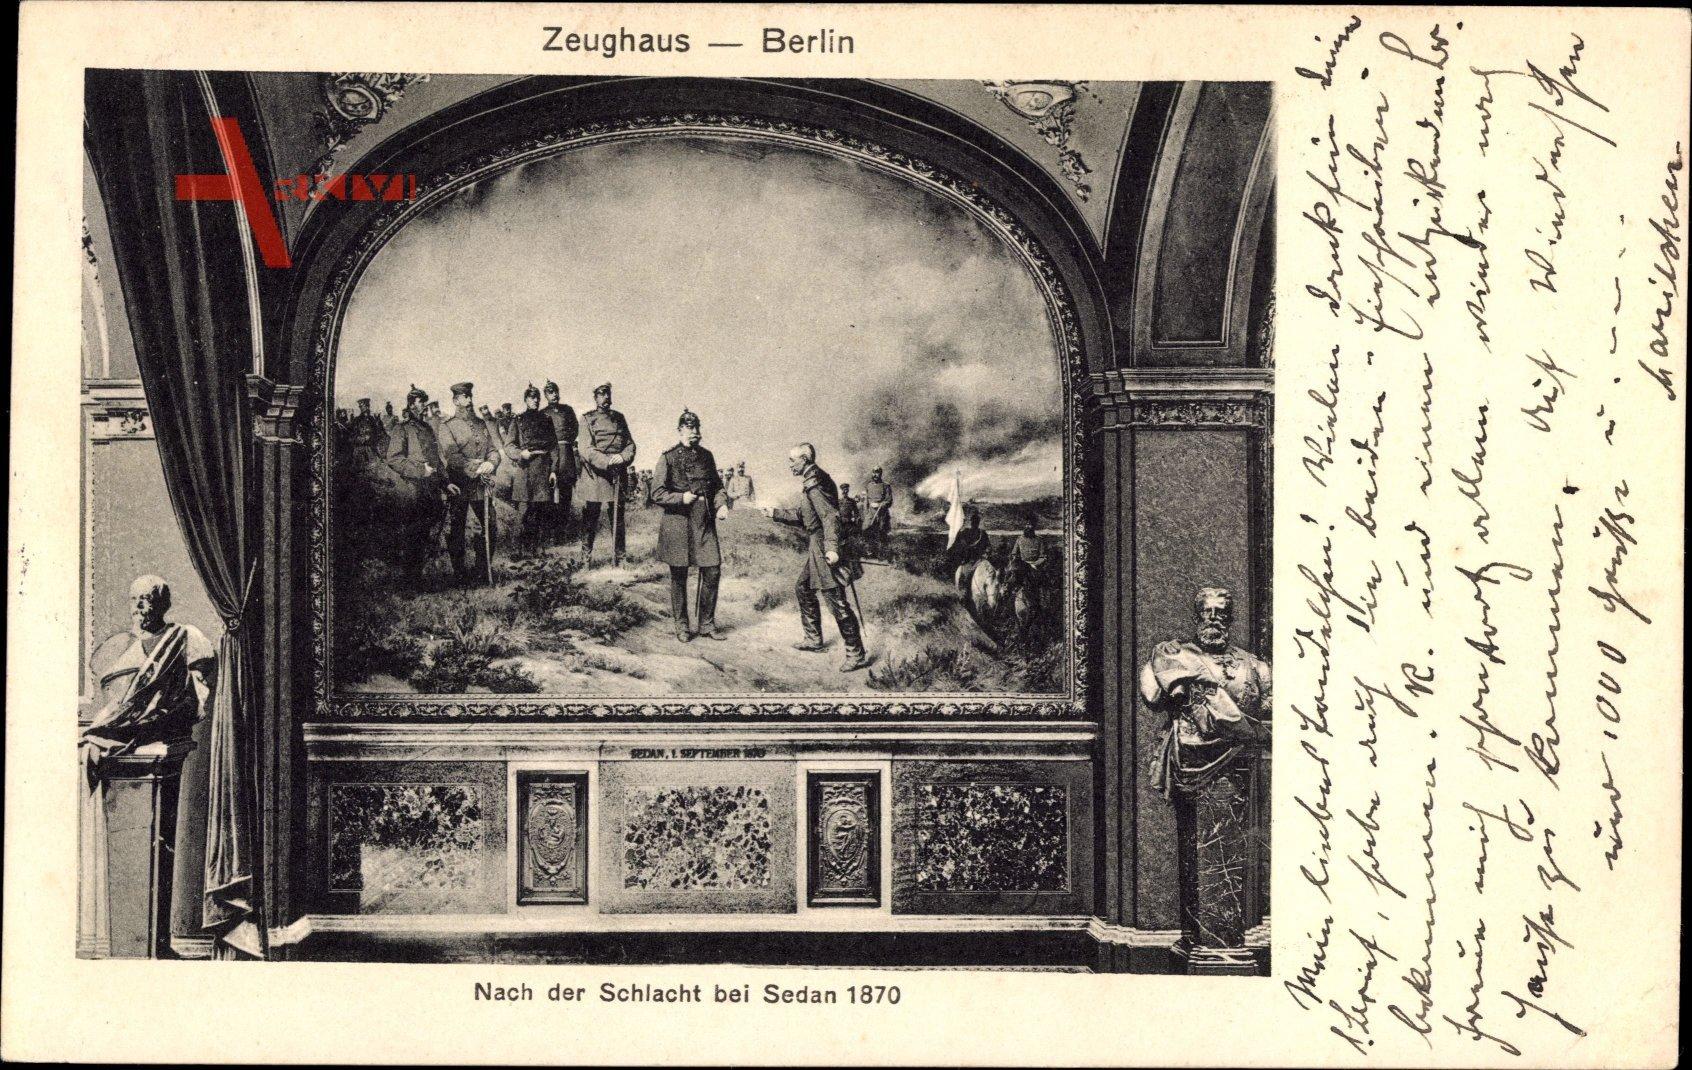 Berlin, Gemälde im Zeughaus, Nach der Schlacht bei Sedan 1870